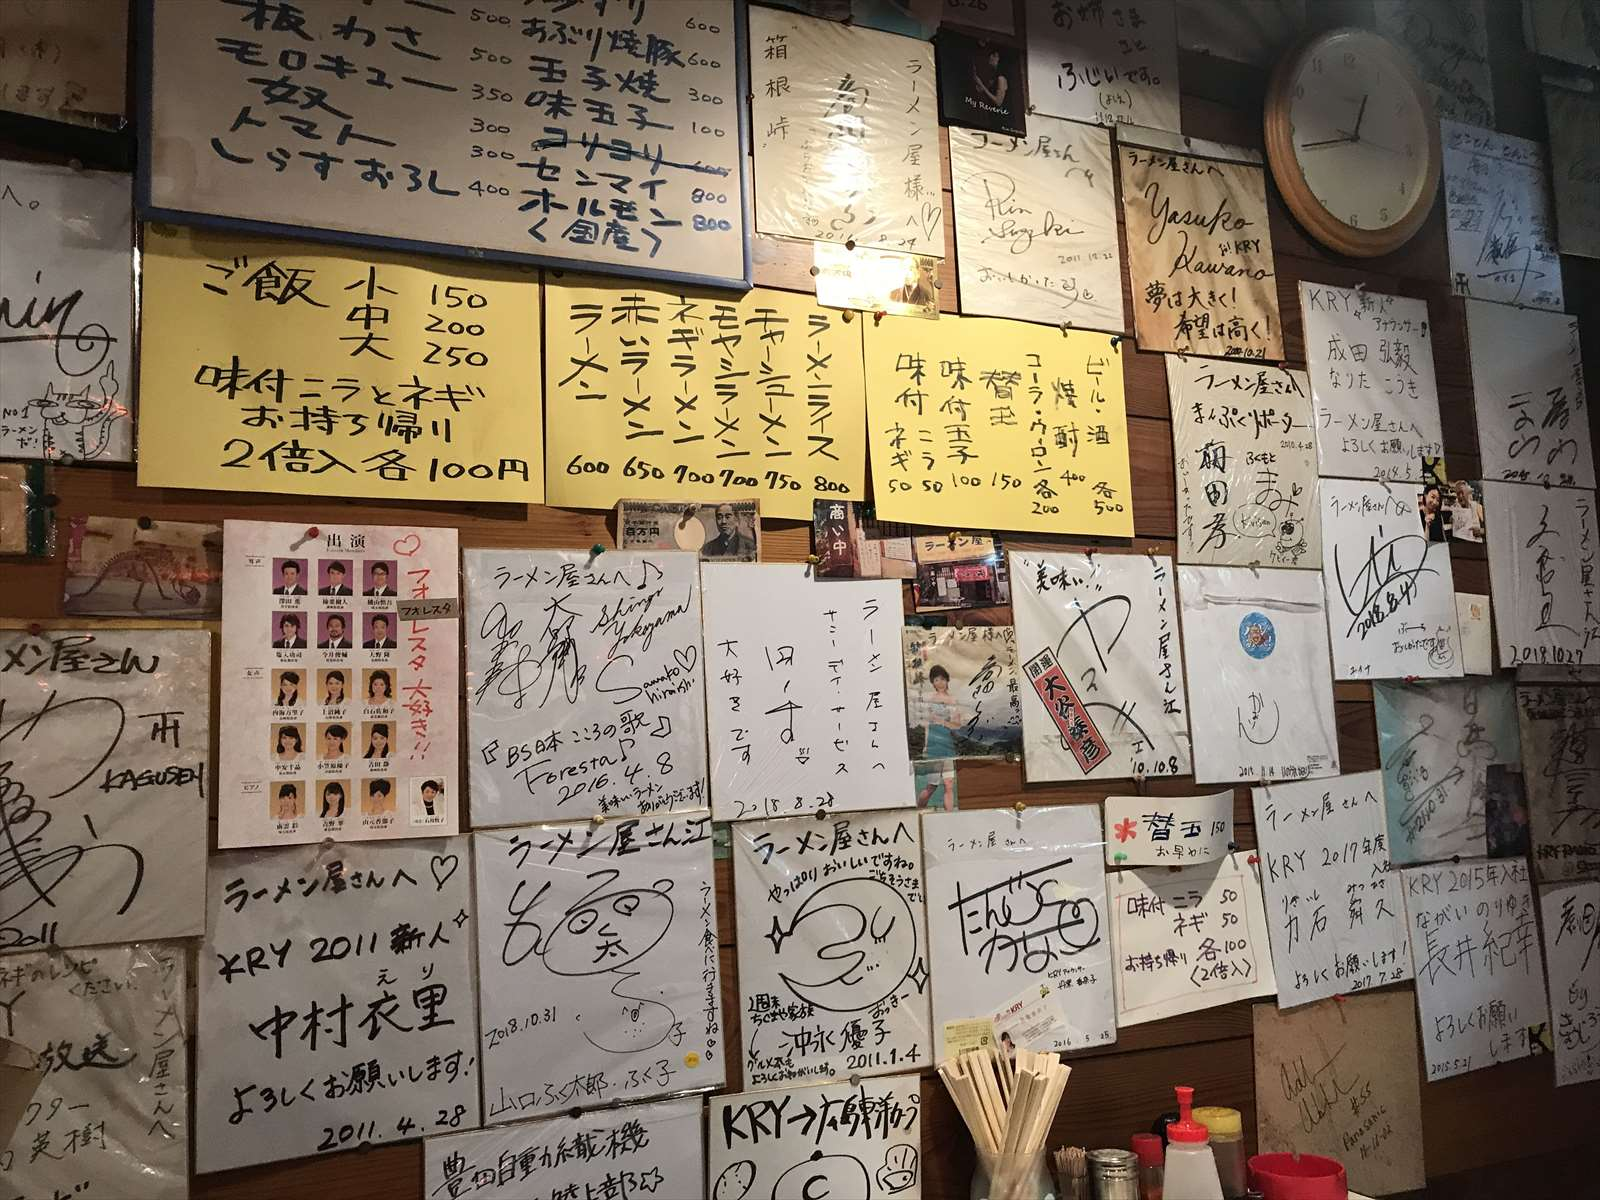 壁にはサイン